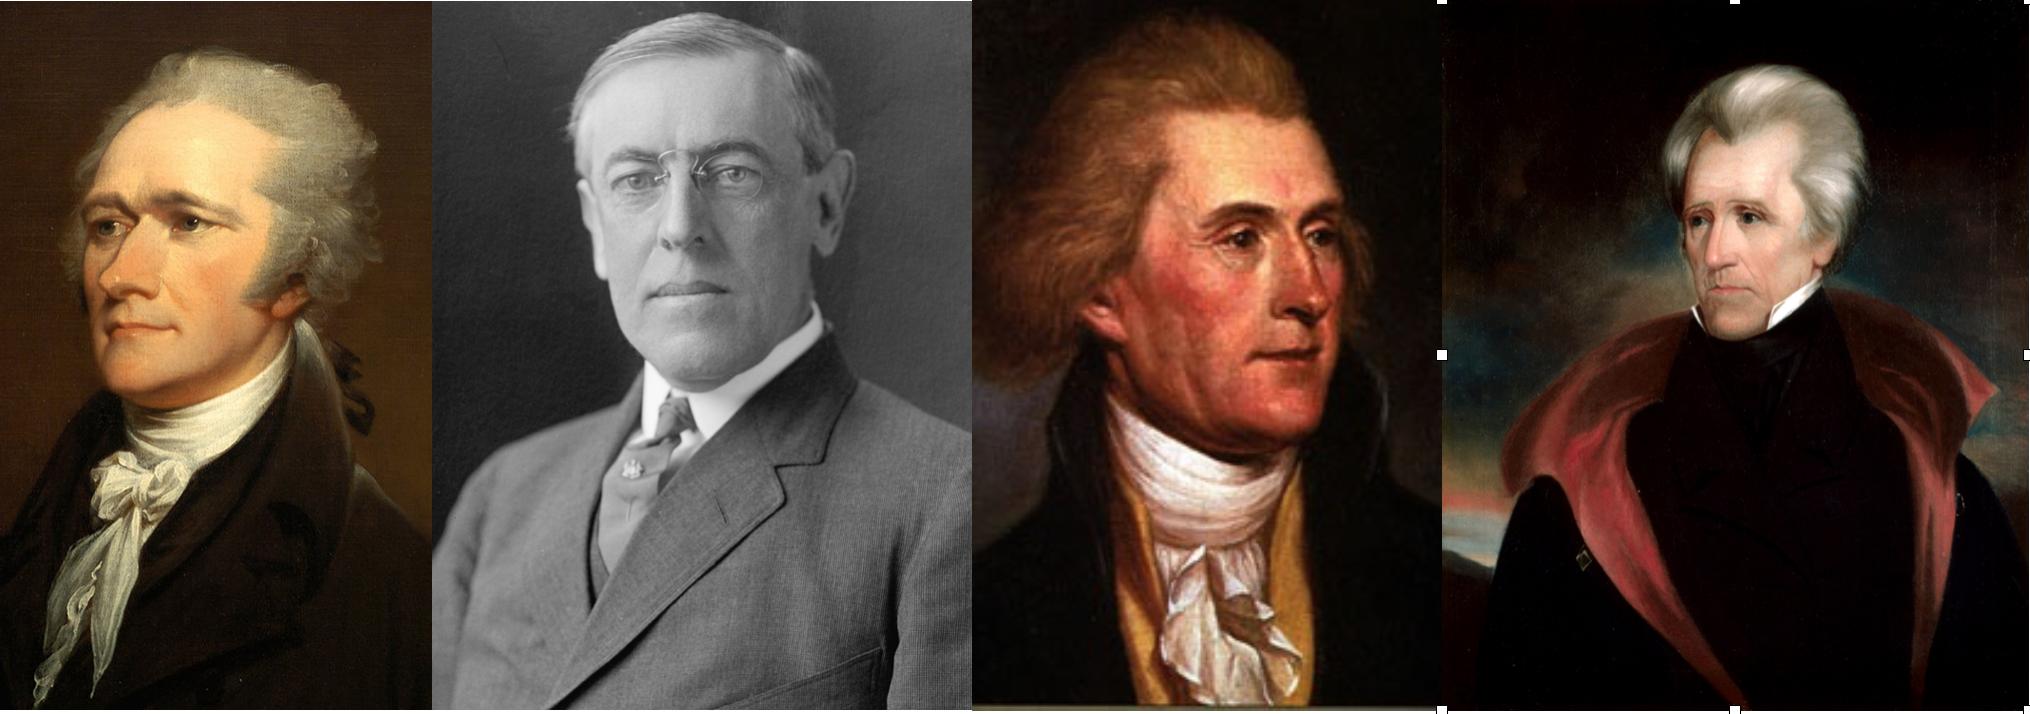 La política exterior estadounidense puede ser estudiada a través de estos 4 gigantes de la política del país: Hamilton, Wilson, Jefferson y Jackson.